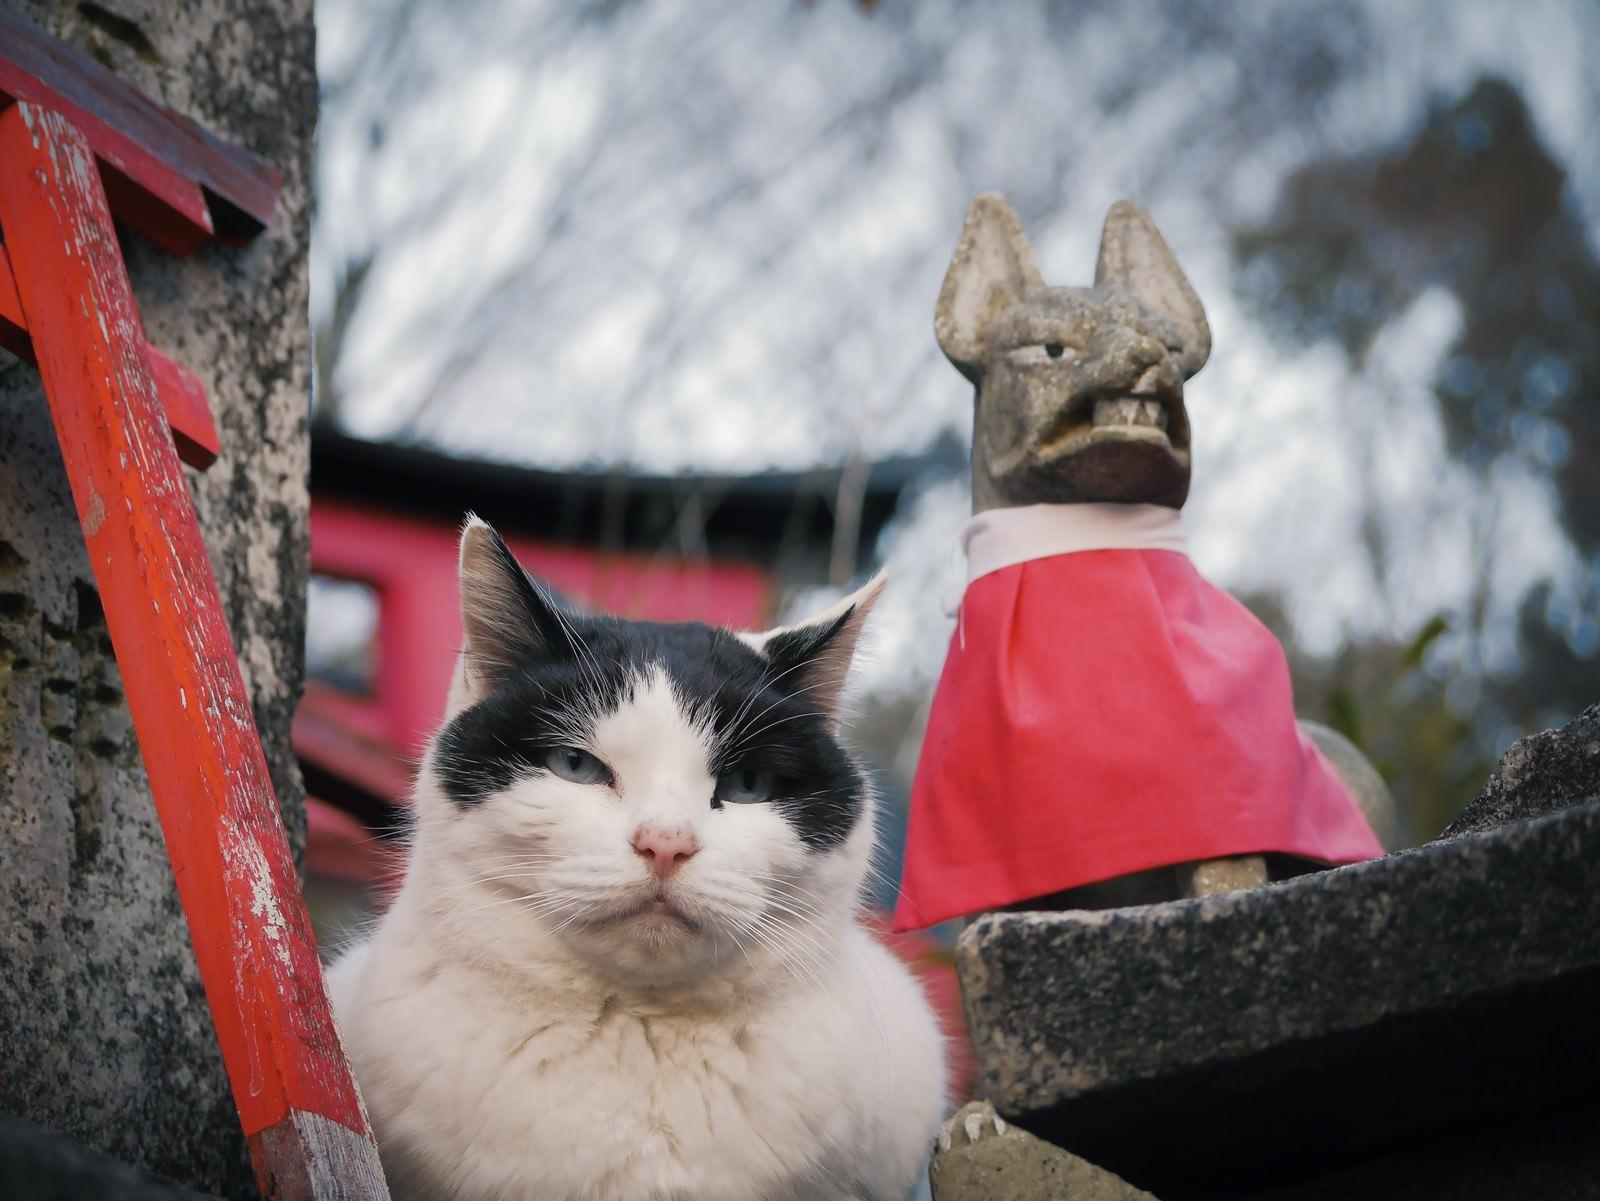 「むっとした猫むっとした猫」のフリー写真素材を拡大